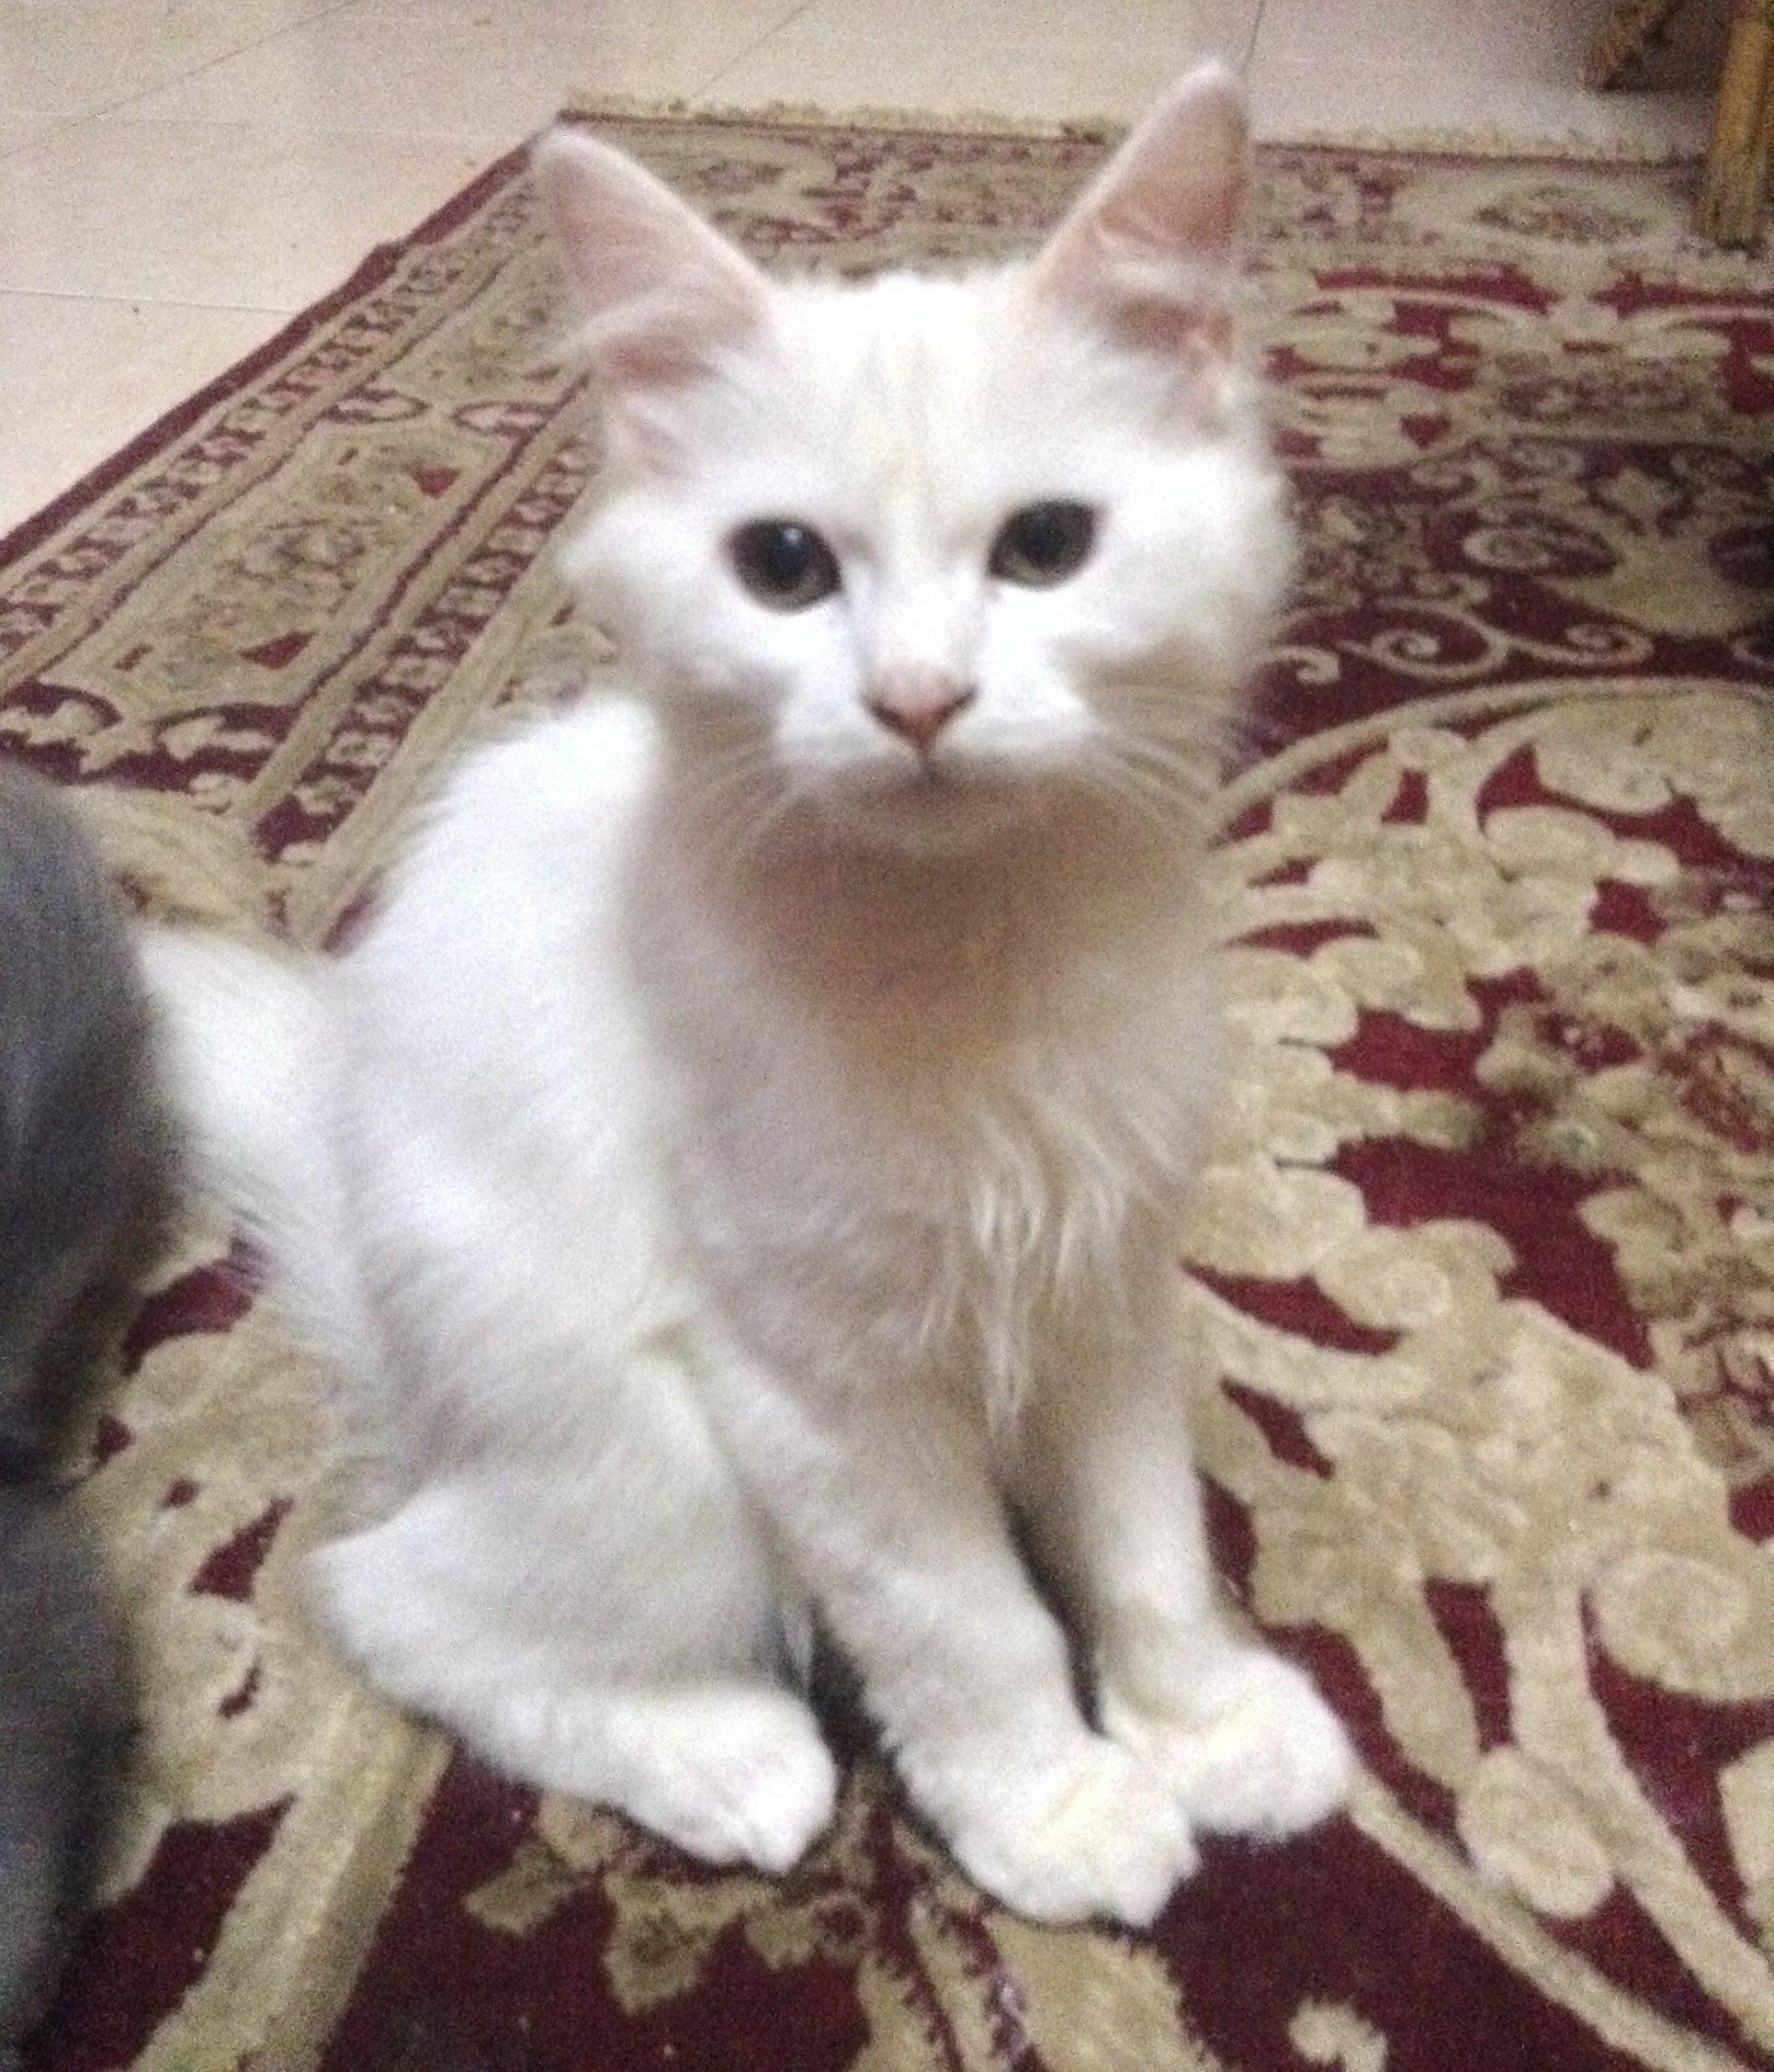 بالصور قطط شيرازى , كيفة تربية القطط الشيرازي 3801 9